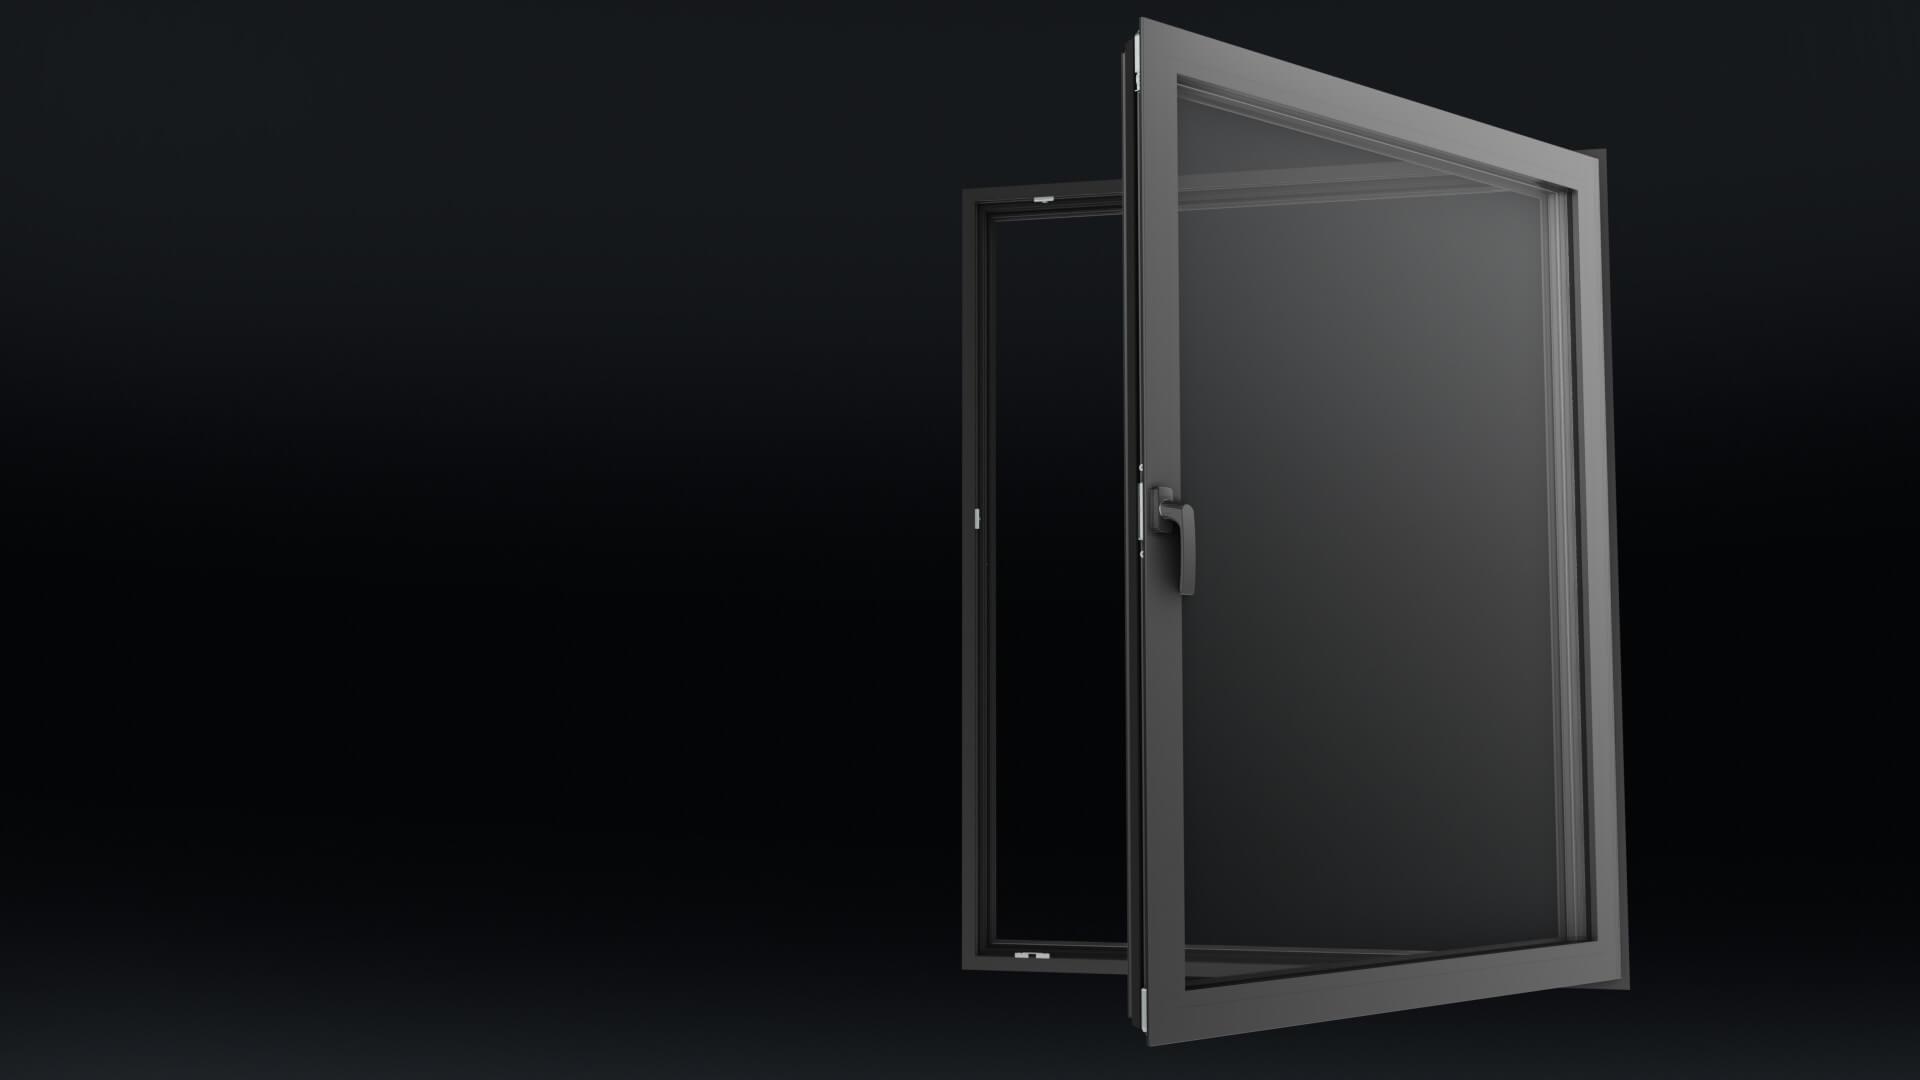 Okna w systemie MB-79N ALUPROF zgodne z WT 2021